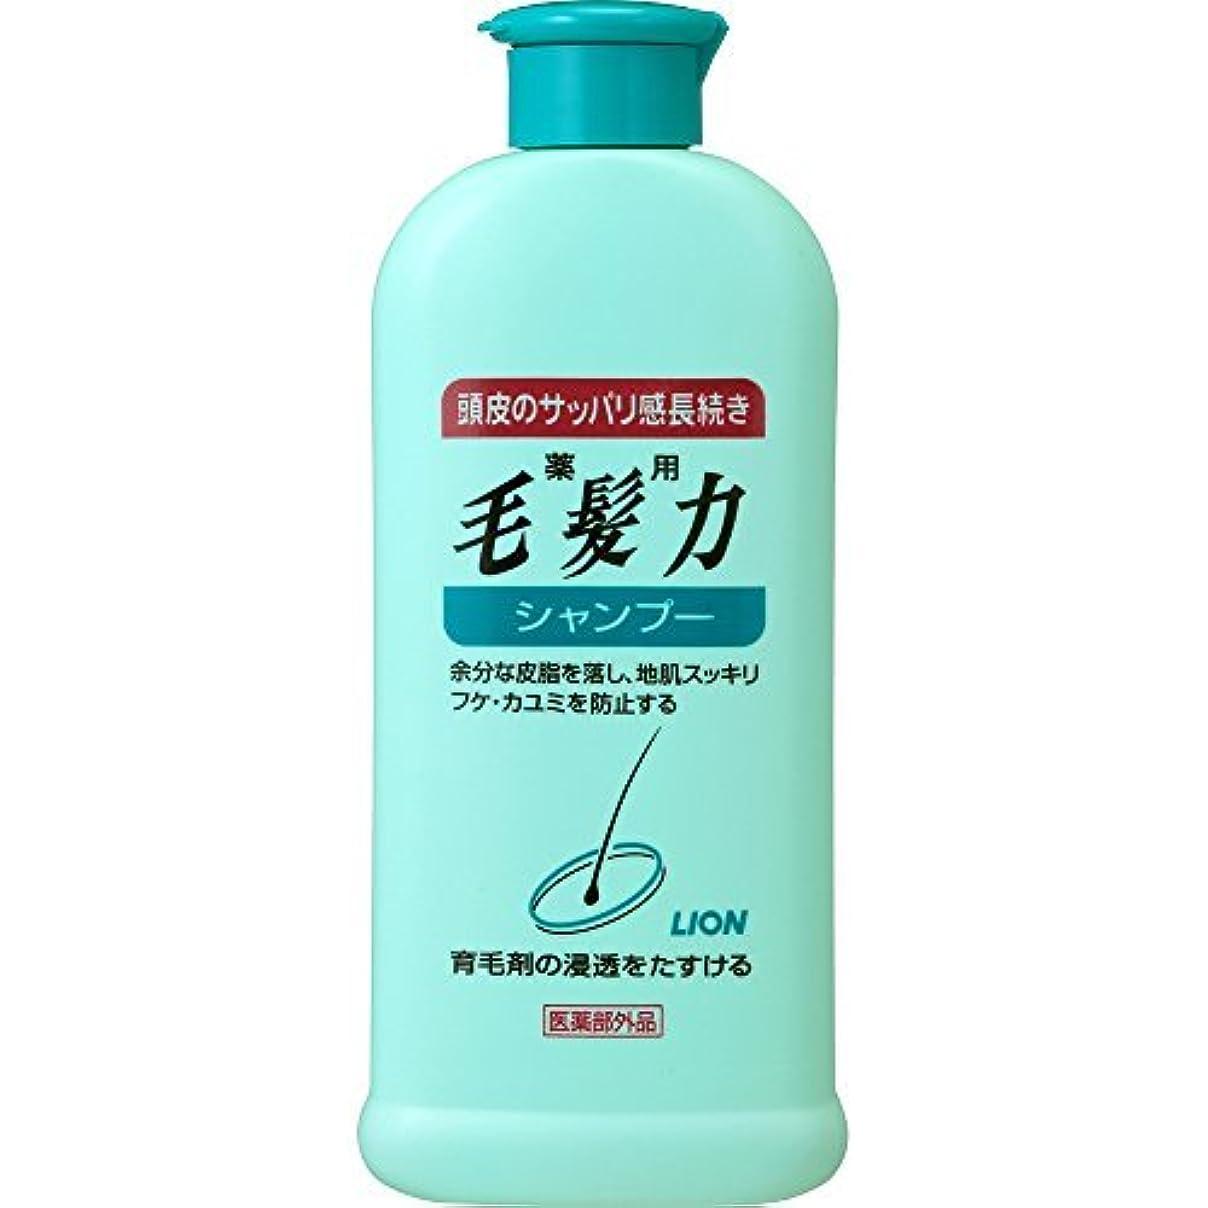 シネウィ控えめな間違っている【ライオン】薬用毛髪力シャンプー200ml×6個セット